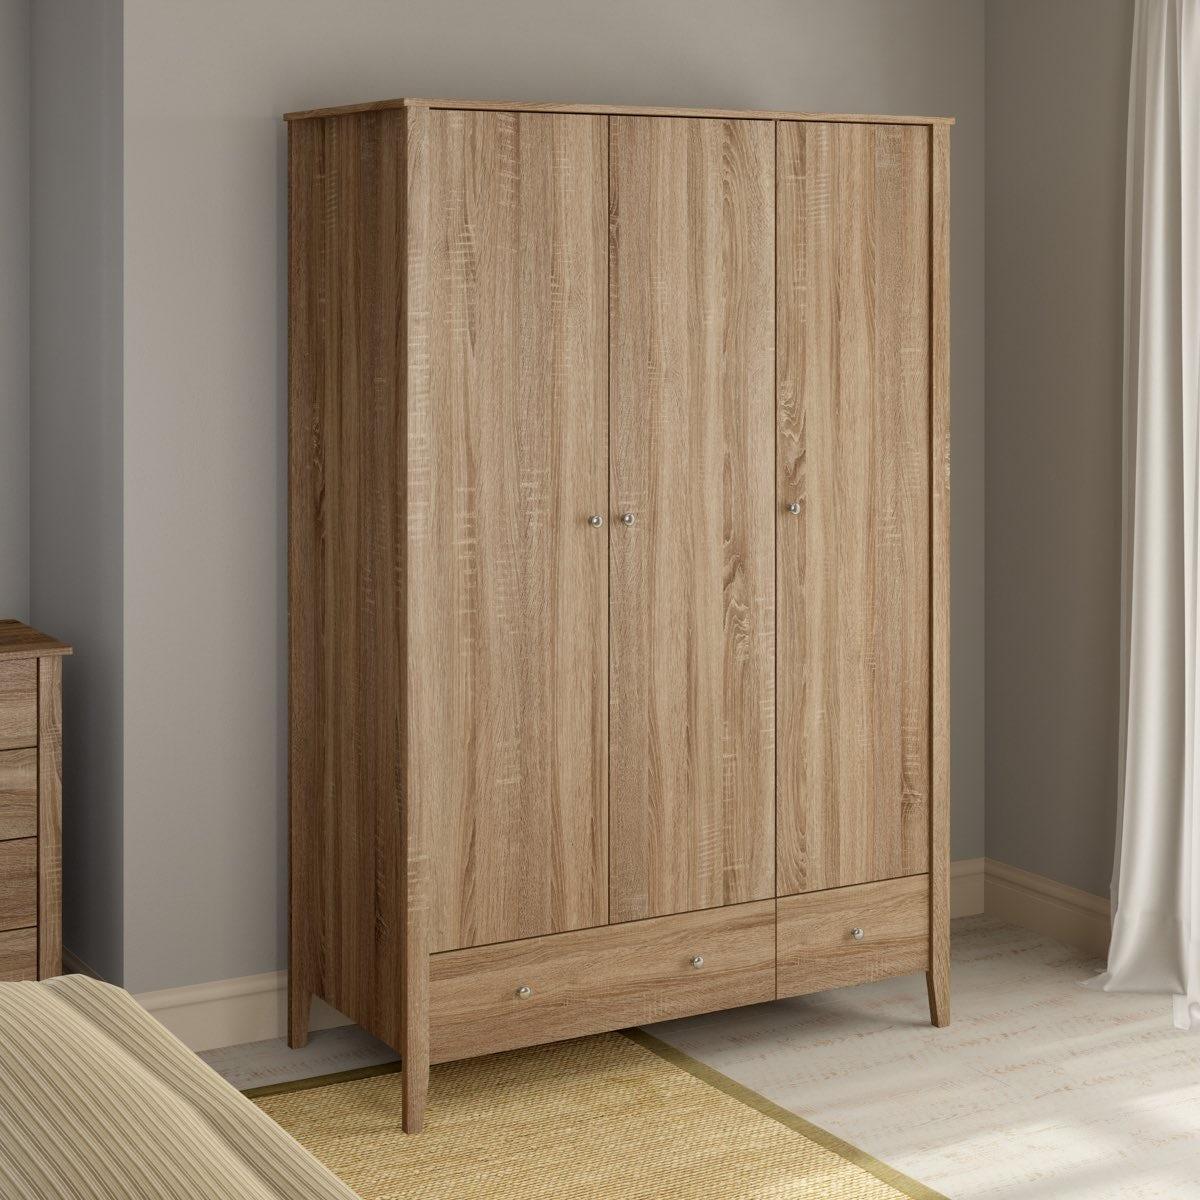 Mfi Replacement Kitchen Doors Verona Cherry Solid Wood Shaker Kitchen Unit Cupboard Doors Mfi